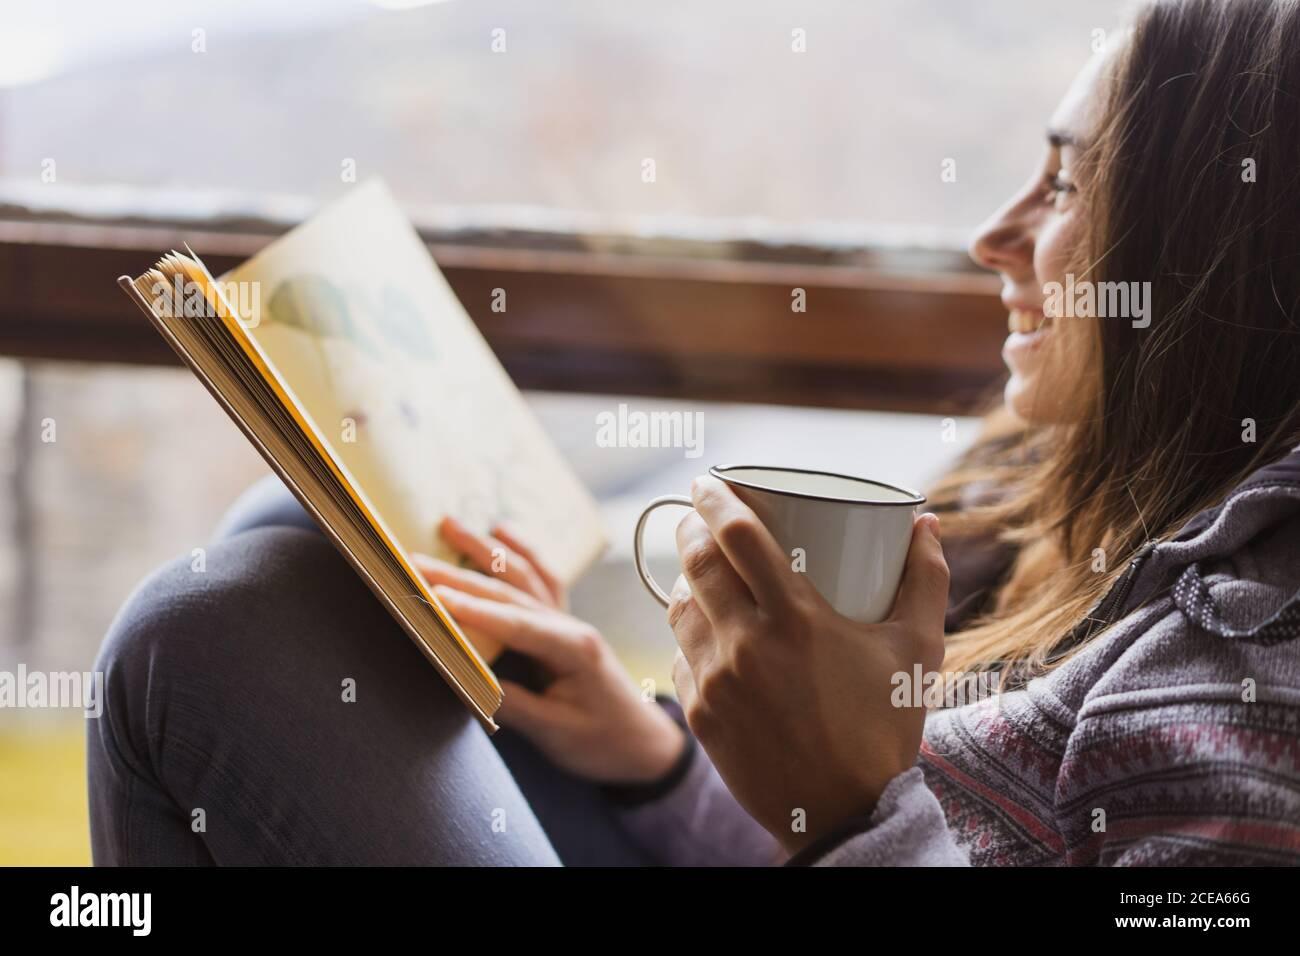 Seitenansicht der jungen Dame mit Tasse frisch heiß Trinken Sie beim Lesen des interessanten Buches, während Sie neben dem riesigen Fenster sitzen Gemütliches Zimmer Stockfoto